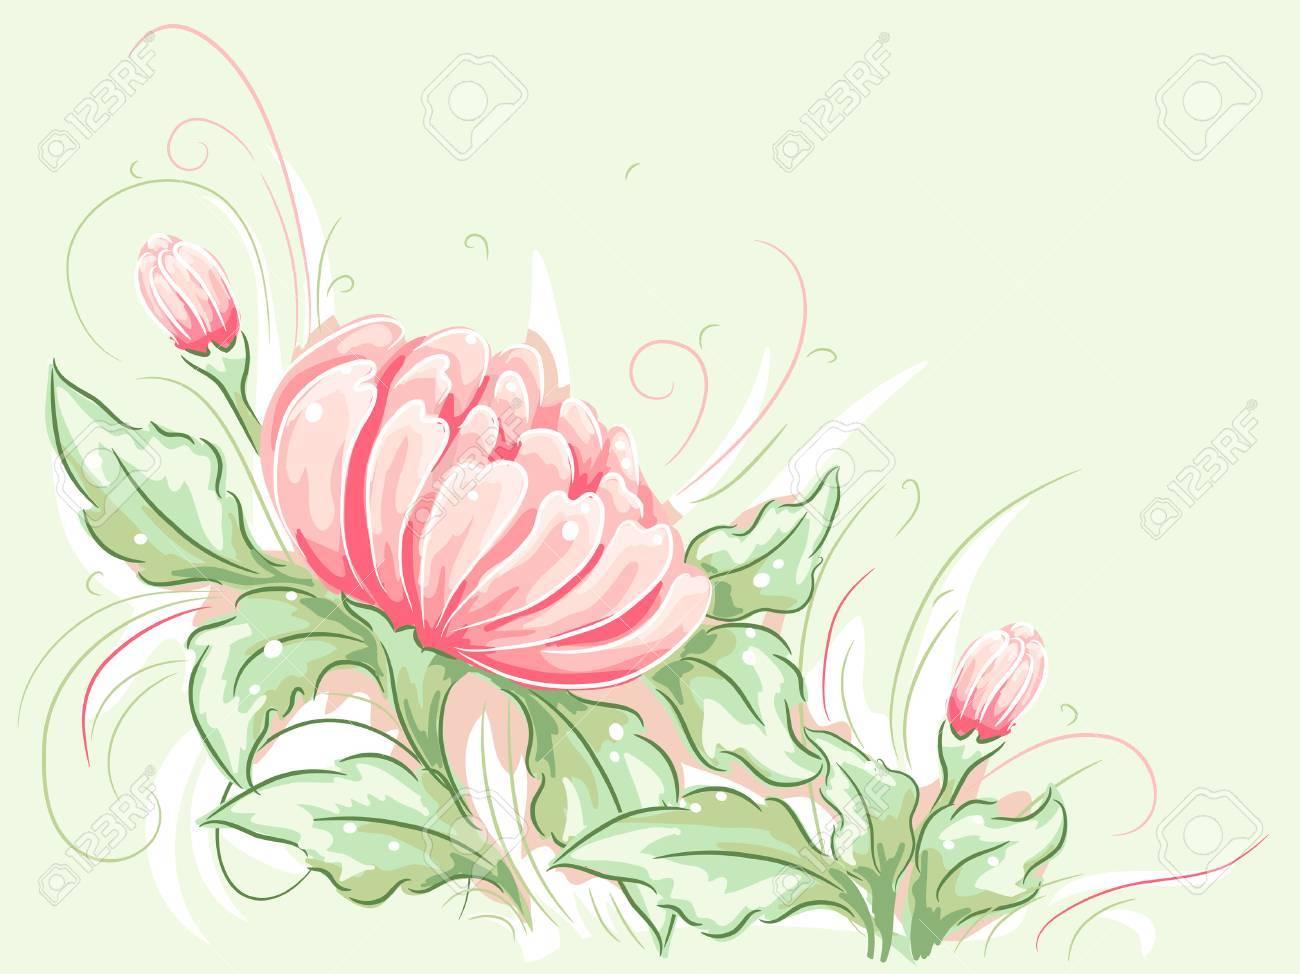 睡蓮を備えぼろぼろのシックなテーマ イラストのイラスト素材ベクタ